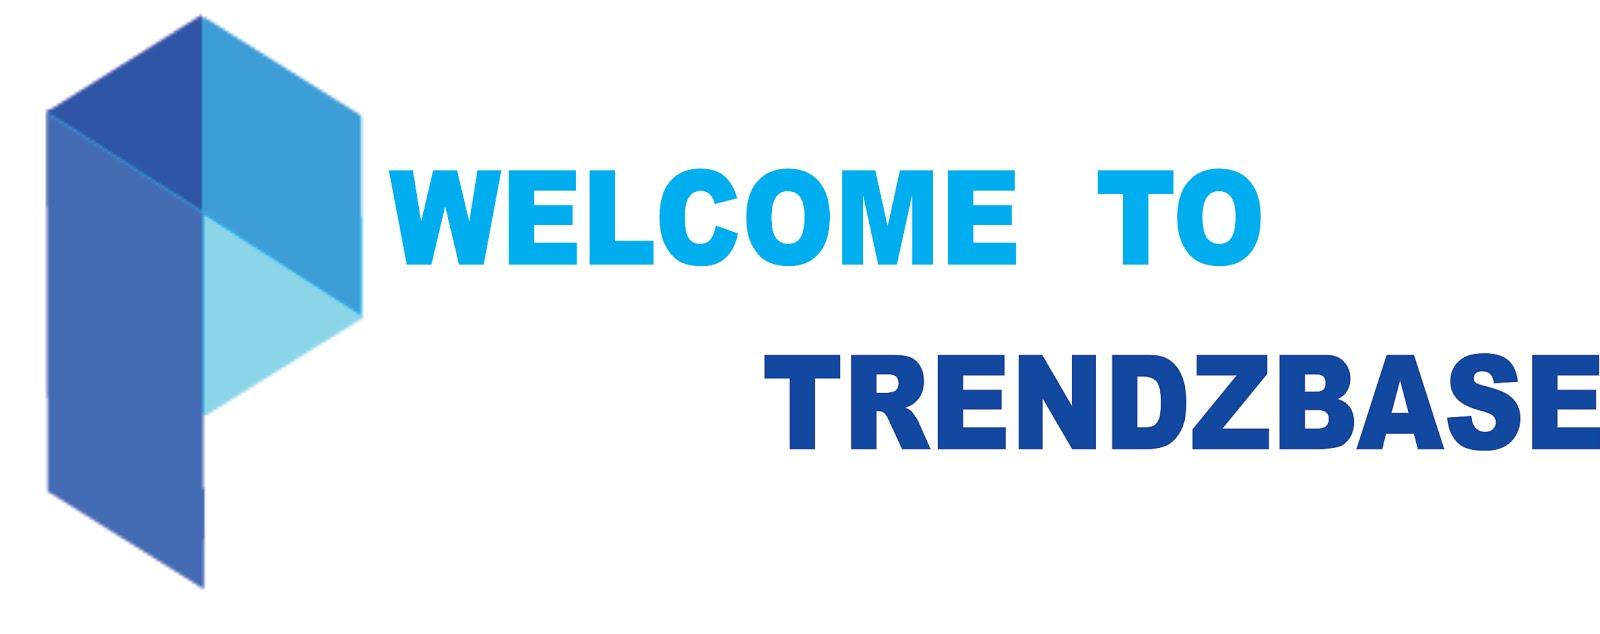 Trendz Base